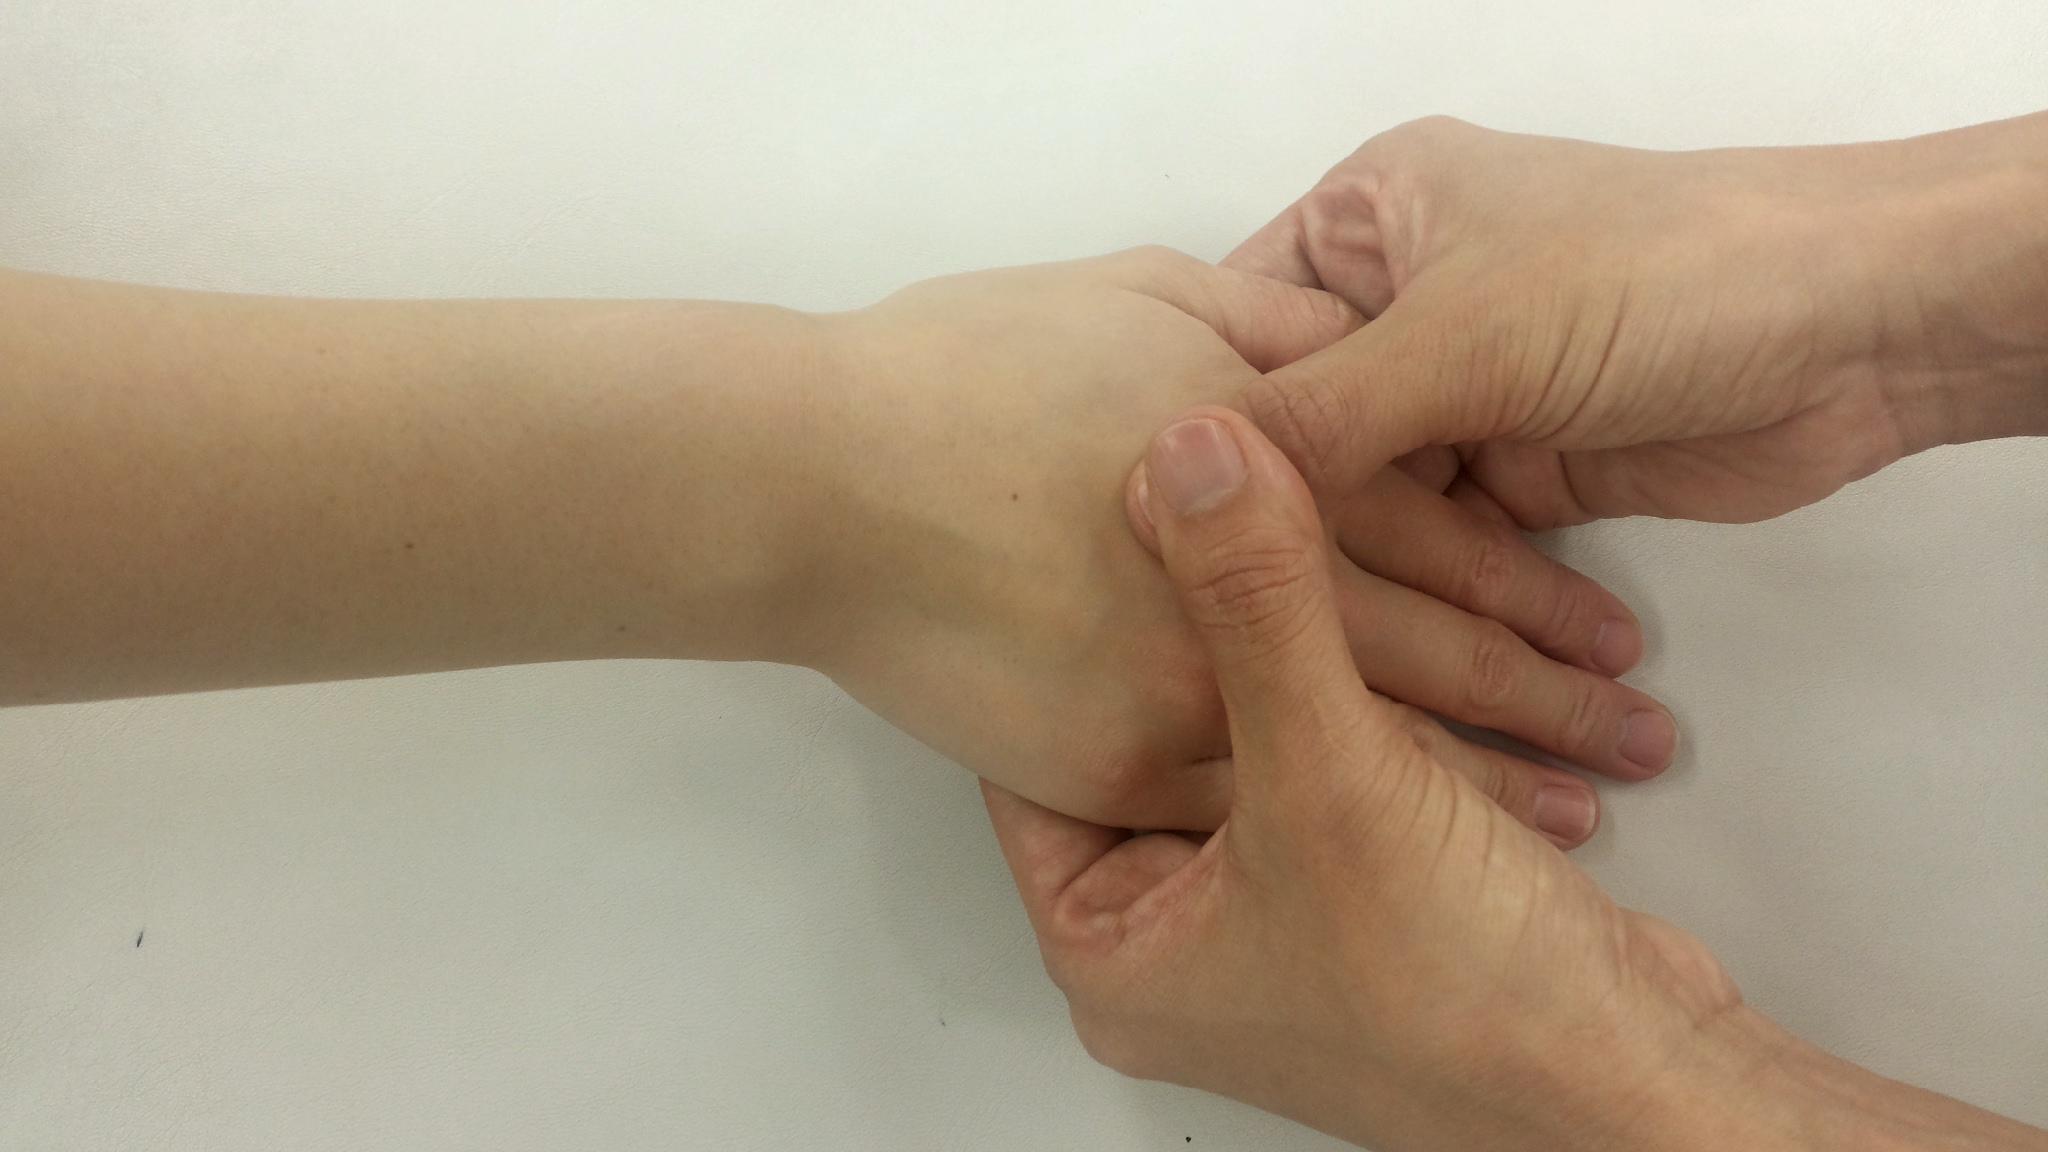 極上の癒し  ハンドトリートメント 3時間 【新宿】IHTA理事 加藤香